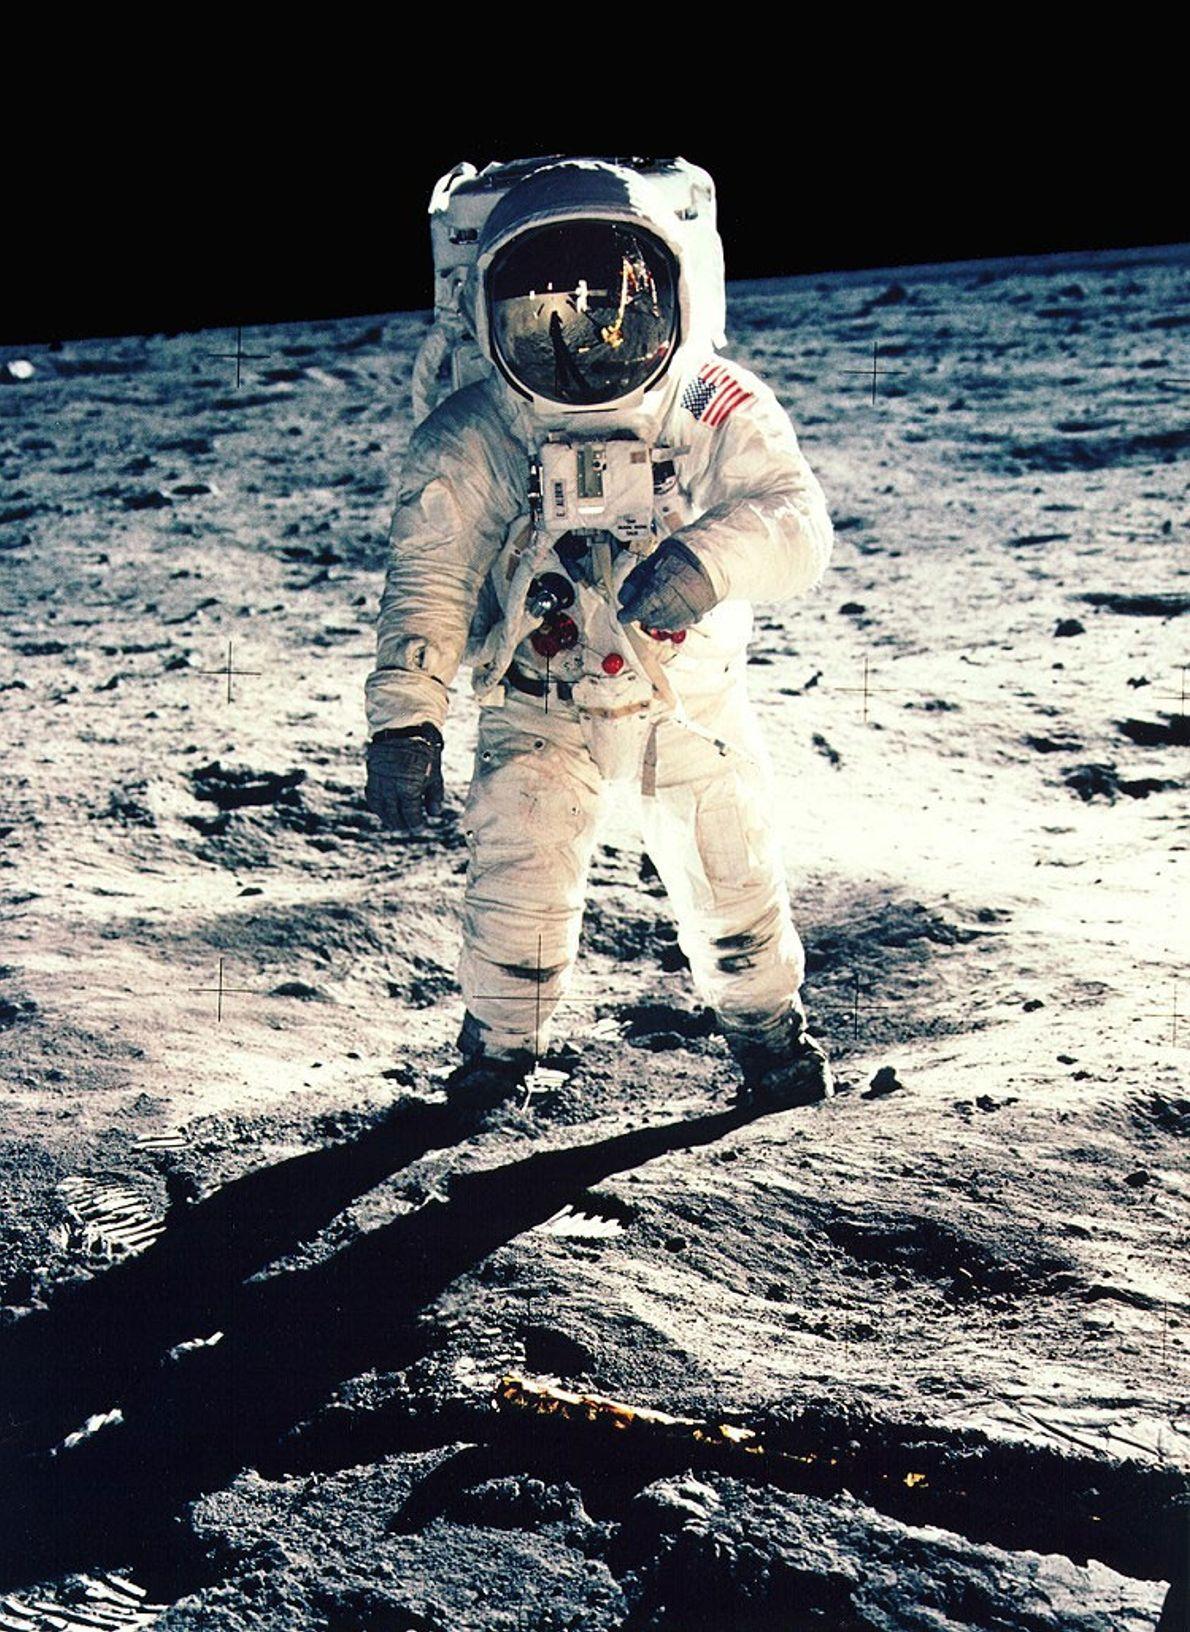 Em 1969, durante a missão da Apollo 11, o astronauta Neil Armstrong tirou uma selfie que ...